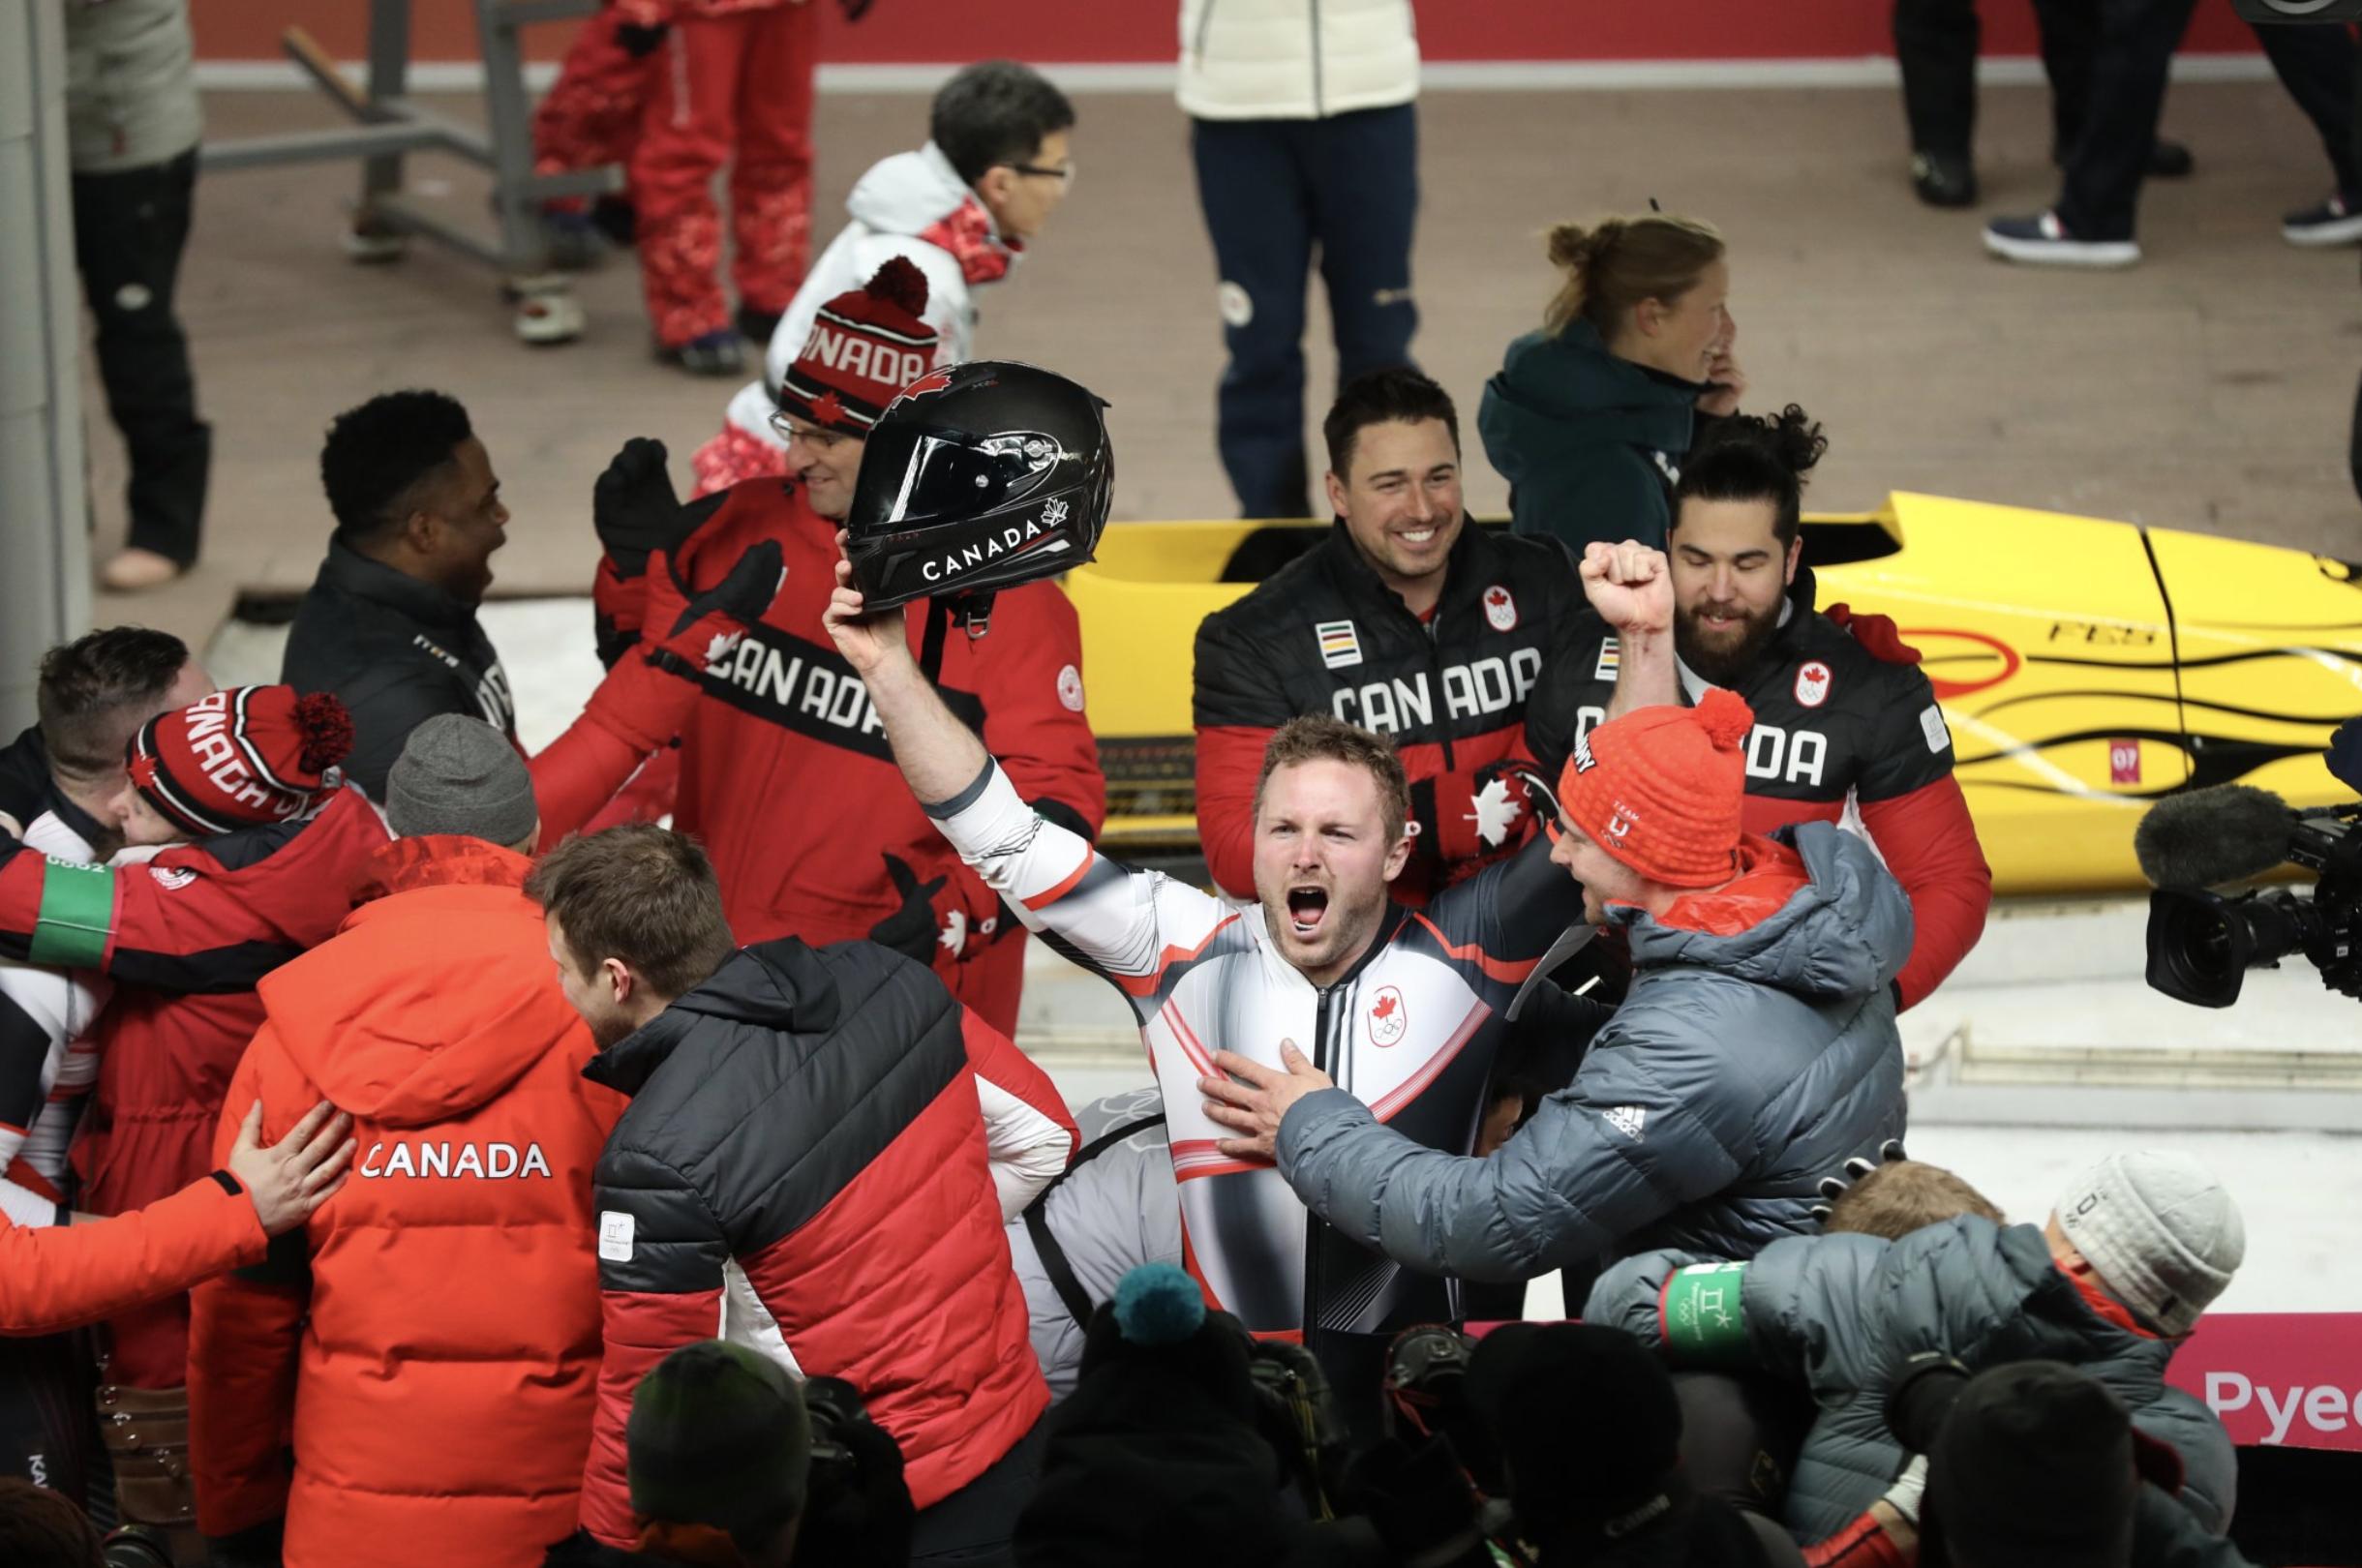 Justin Kripps d'Équipe Canada célèbre en compagnie de ses coéquipiers après avoir remporté la médaille d'or de l'épreuve masculine de bobsleigh à deux aux jeux olympiques de PyeongChang, le 19 février 2018.